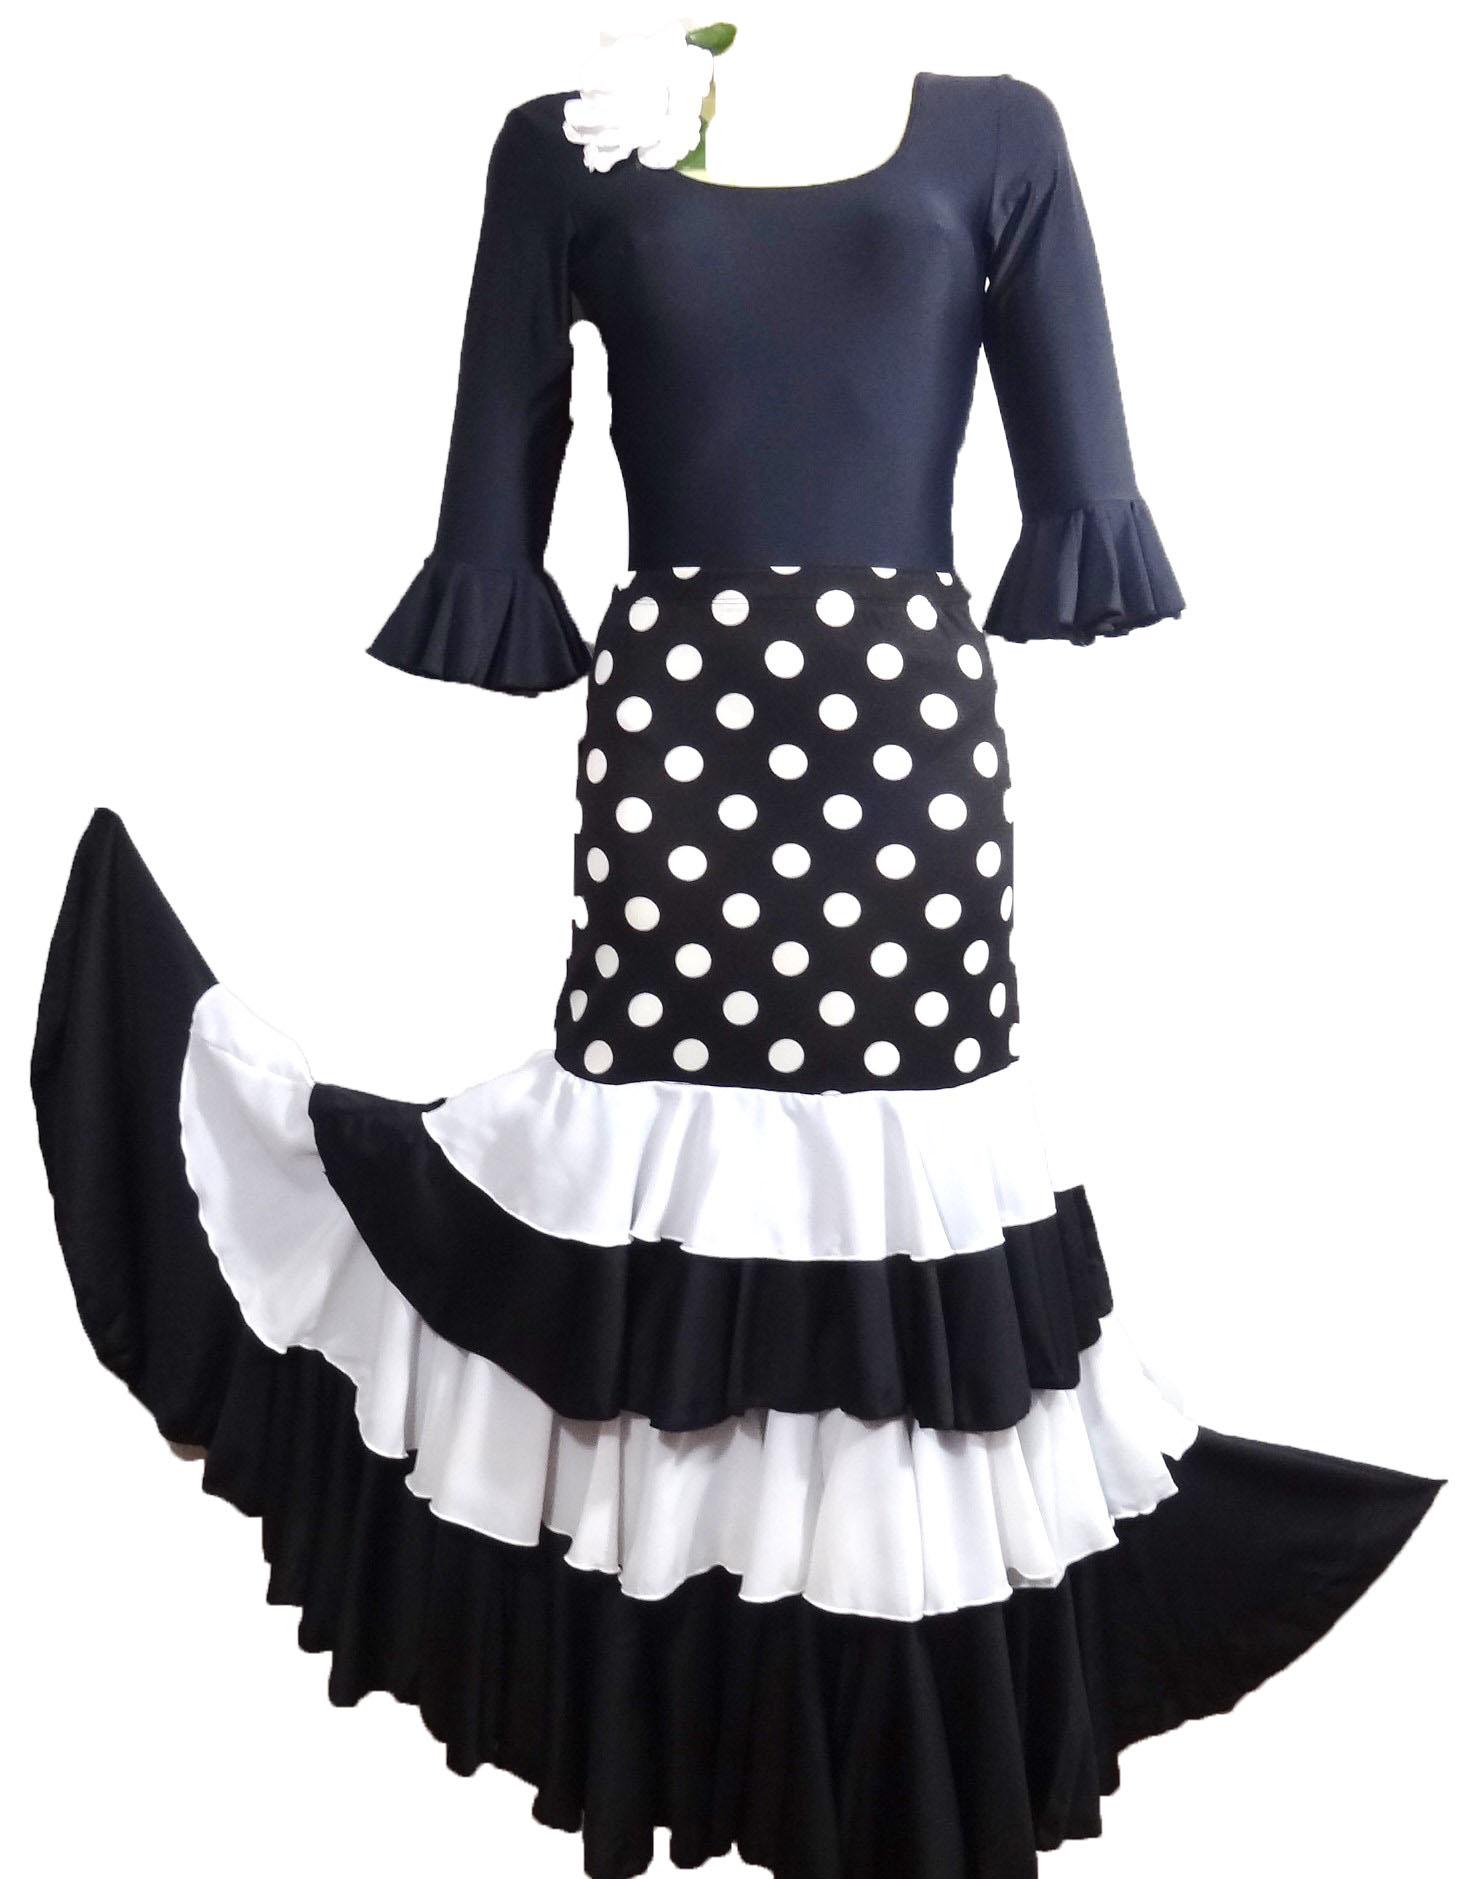 jupe flamenco noir a pois blanc et volants noir et blanc pimiento salsa. Black Bedroom Furniture Sets. Home Design Ideas